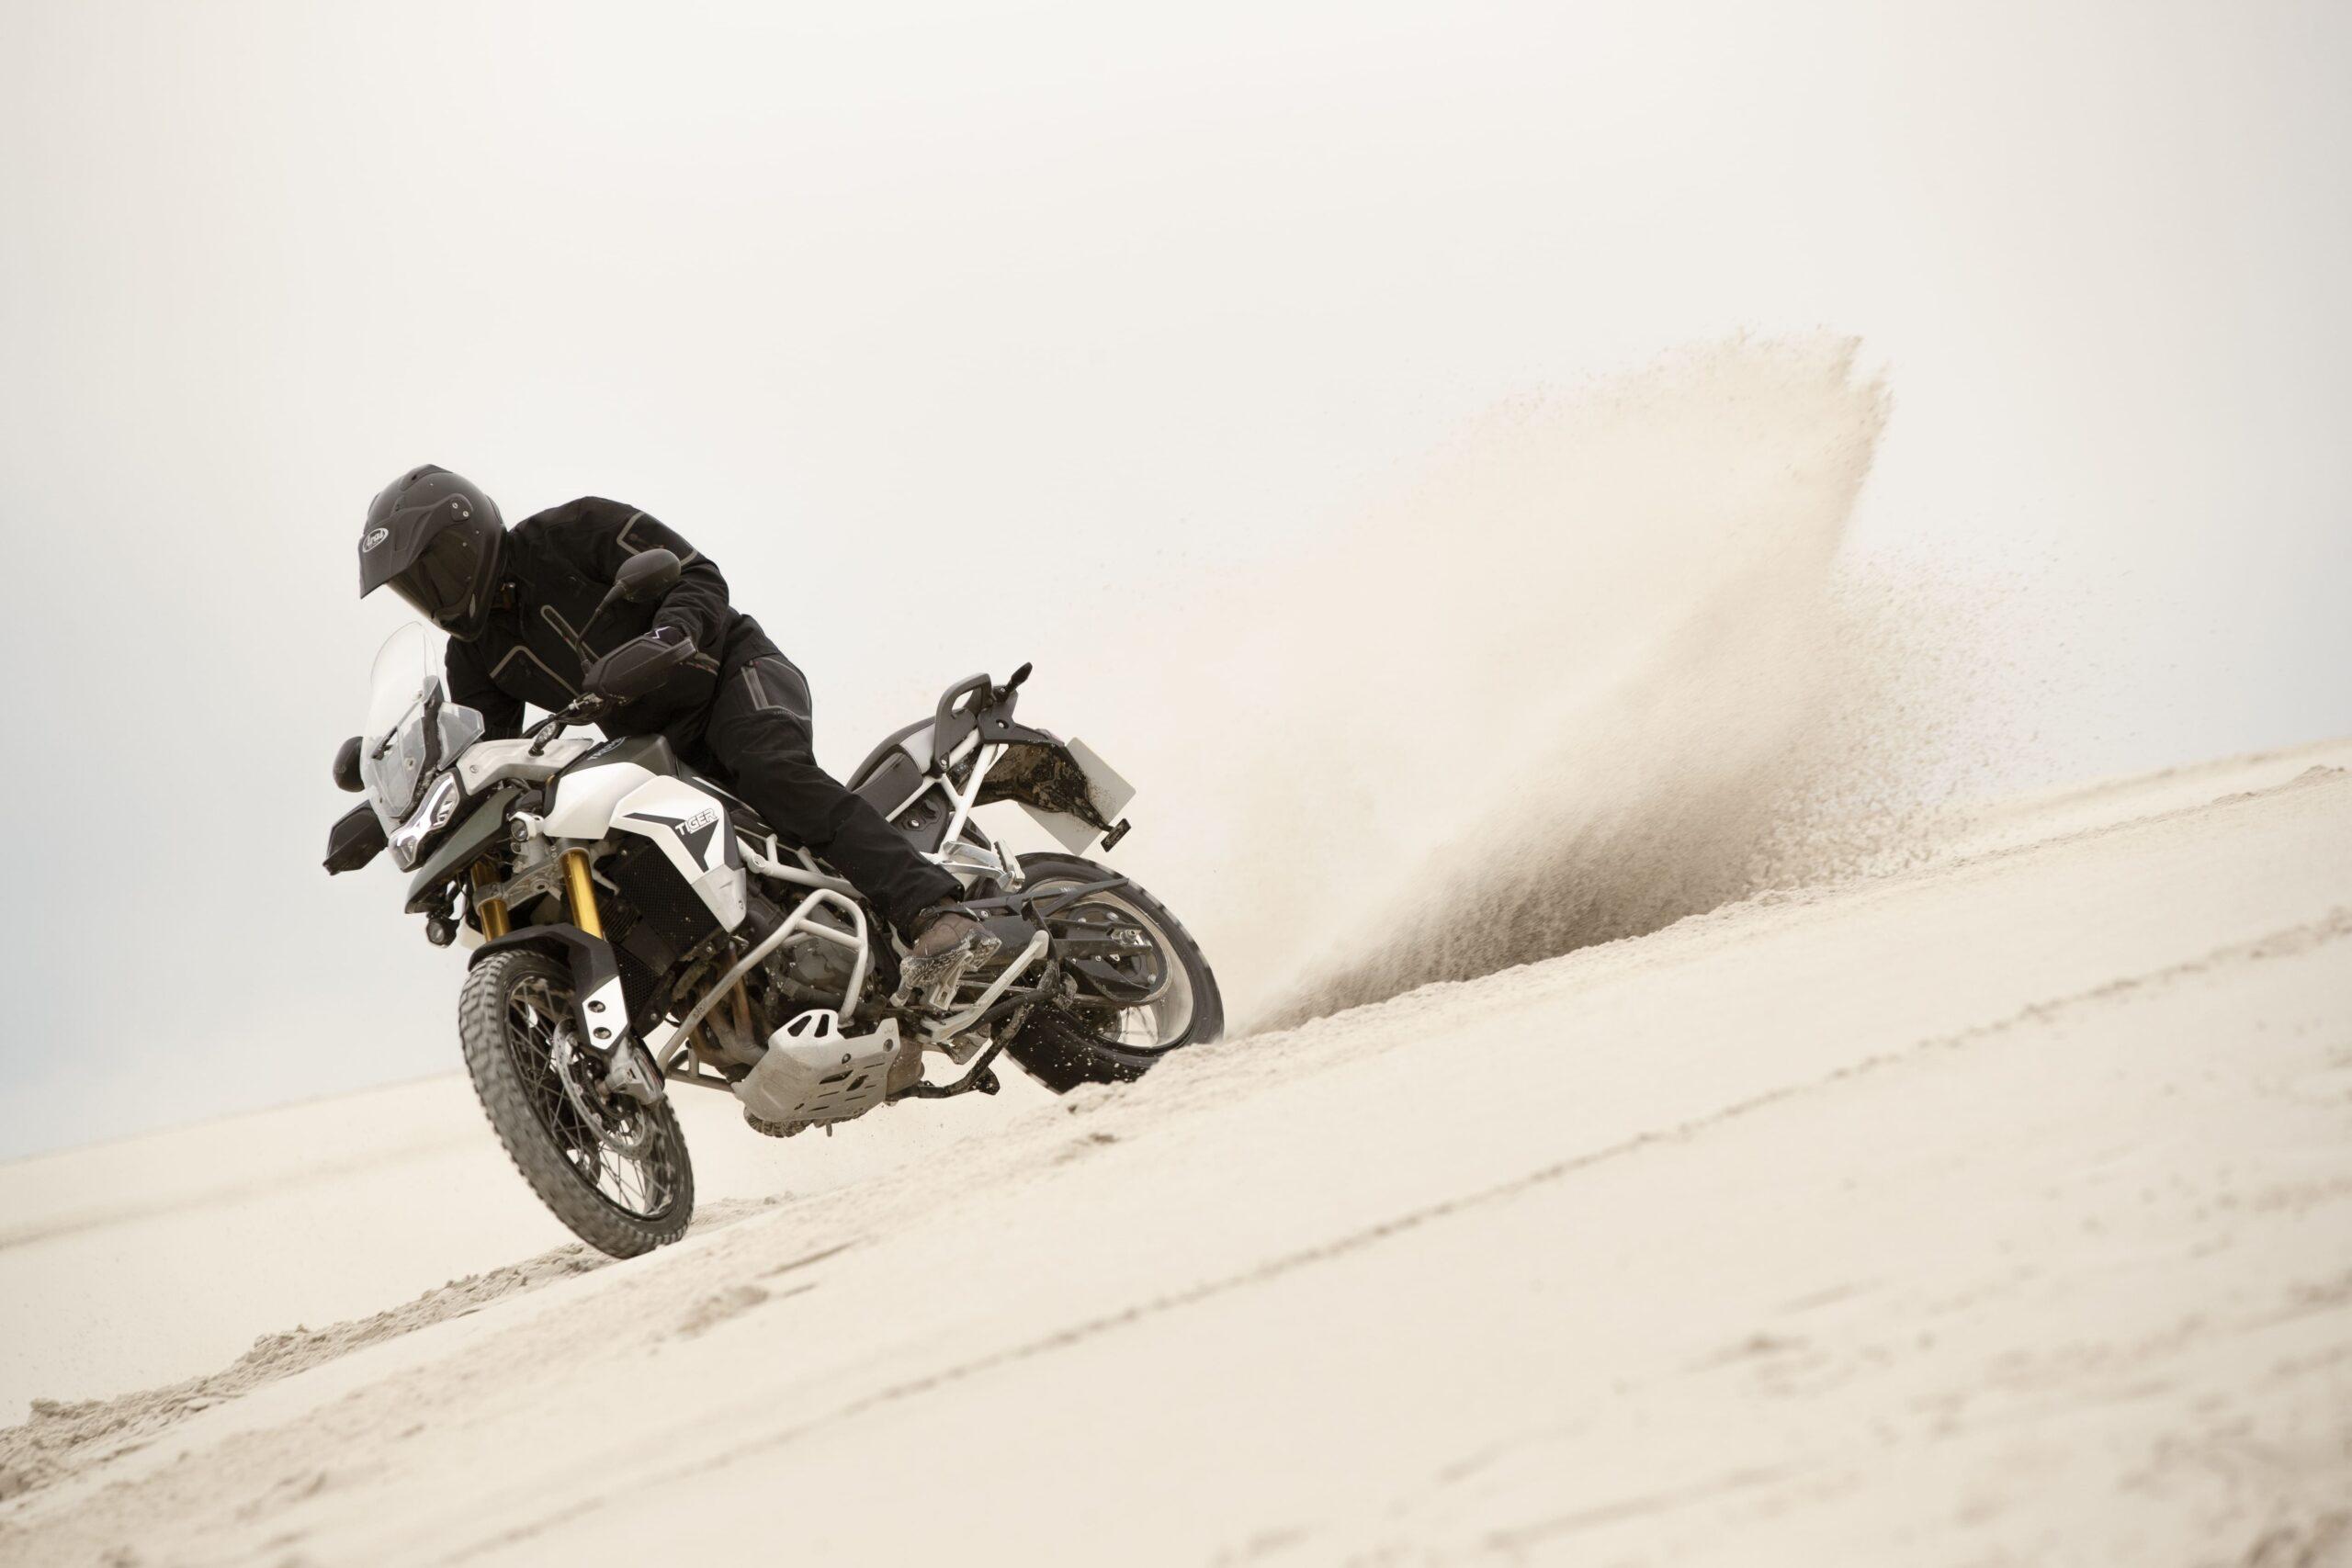 tiger-900-rally-pro-20MY-AZ4I8073-AB-1